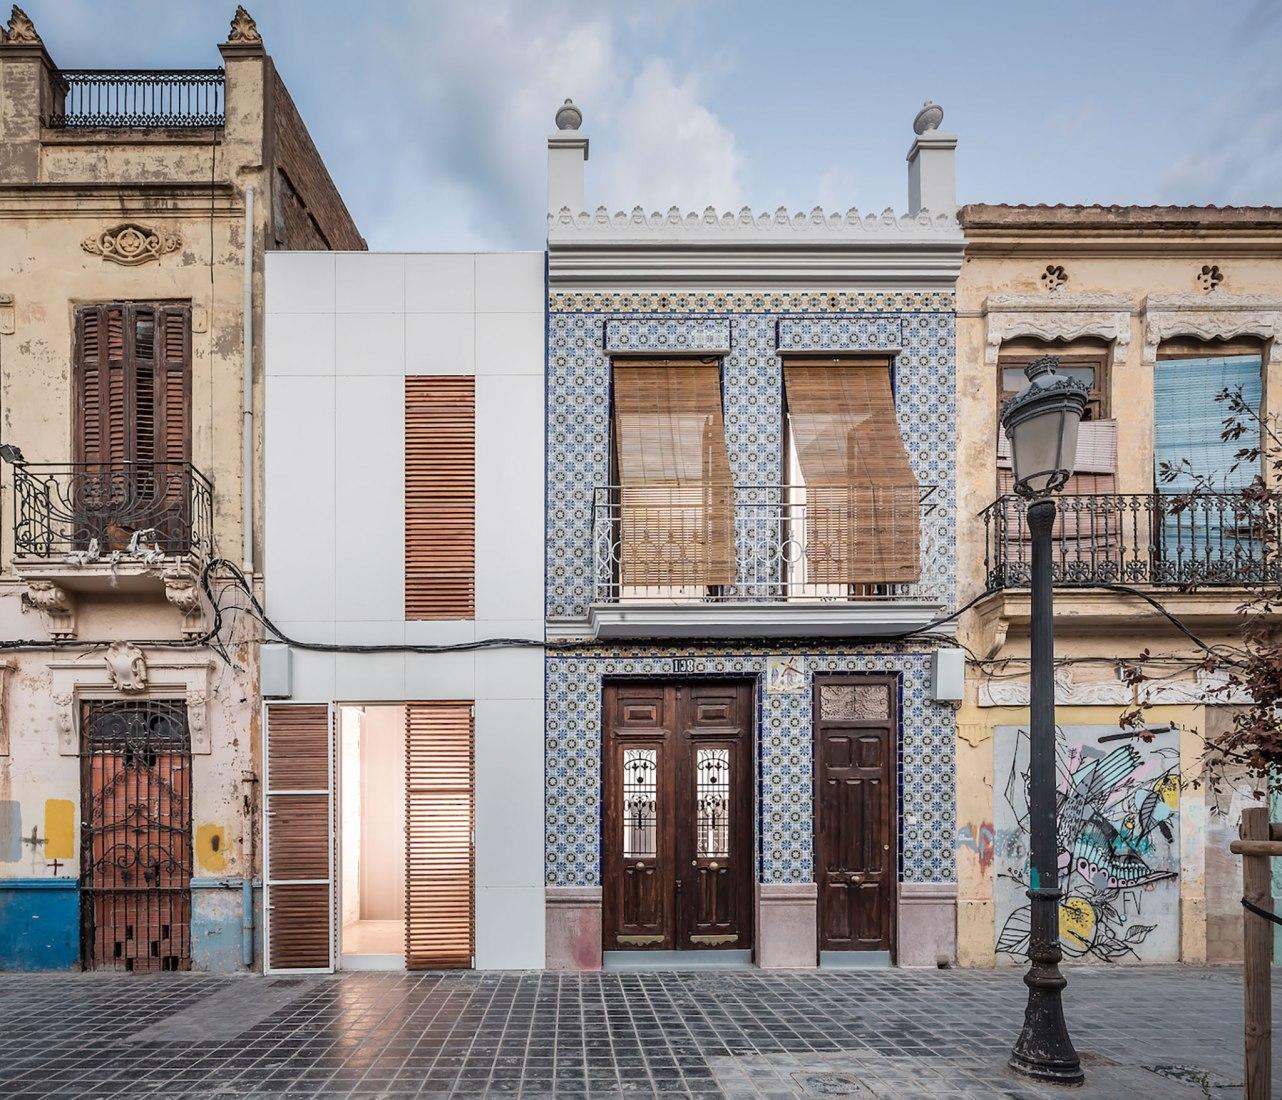 Casa-Taller en el Cabanyal por Estudio Alberto Burgos y Teresa Carrau Carbonell. Fotografía por German Cabo